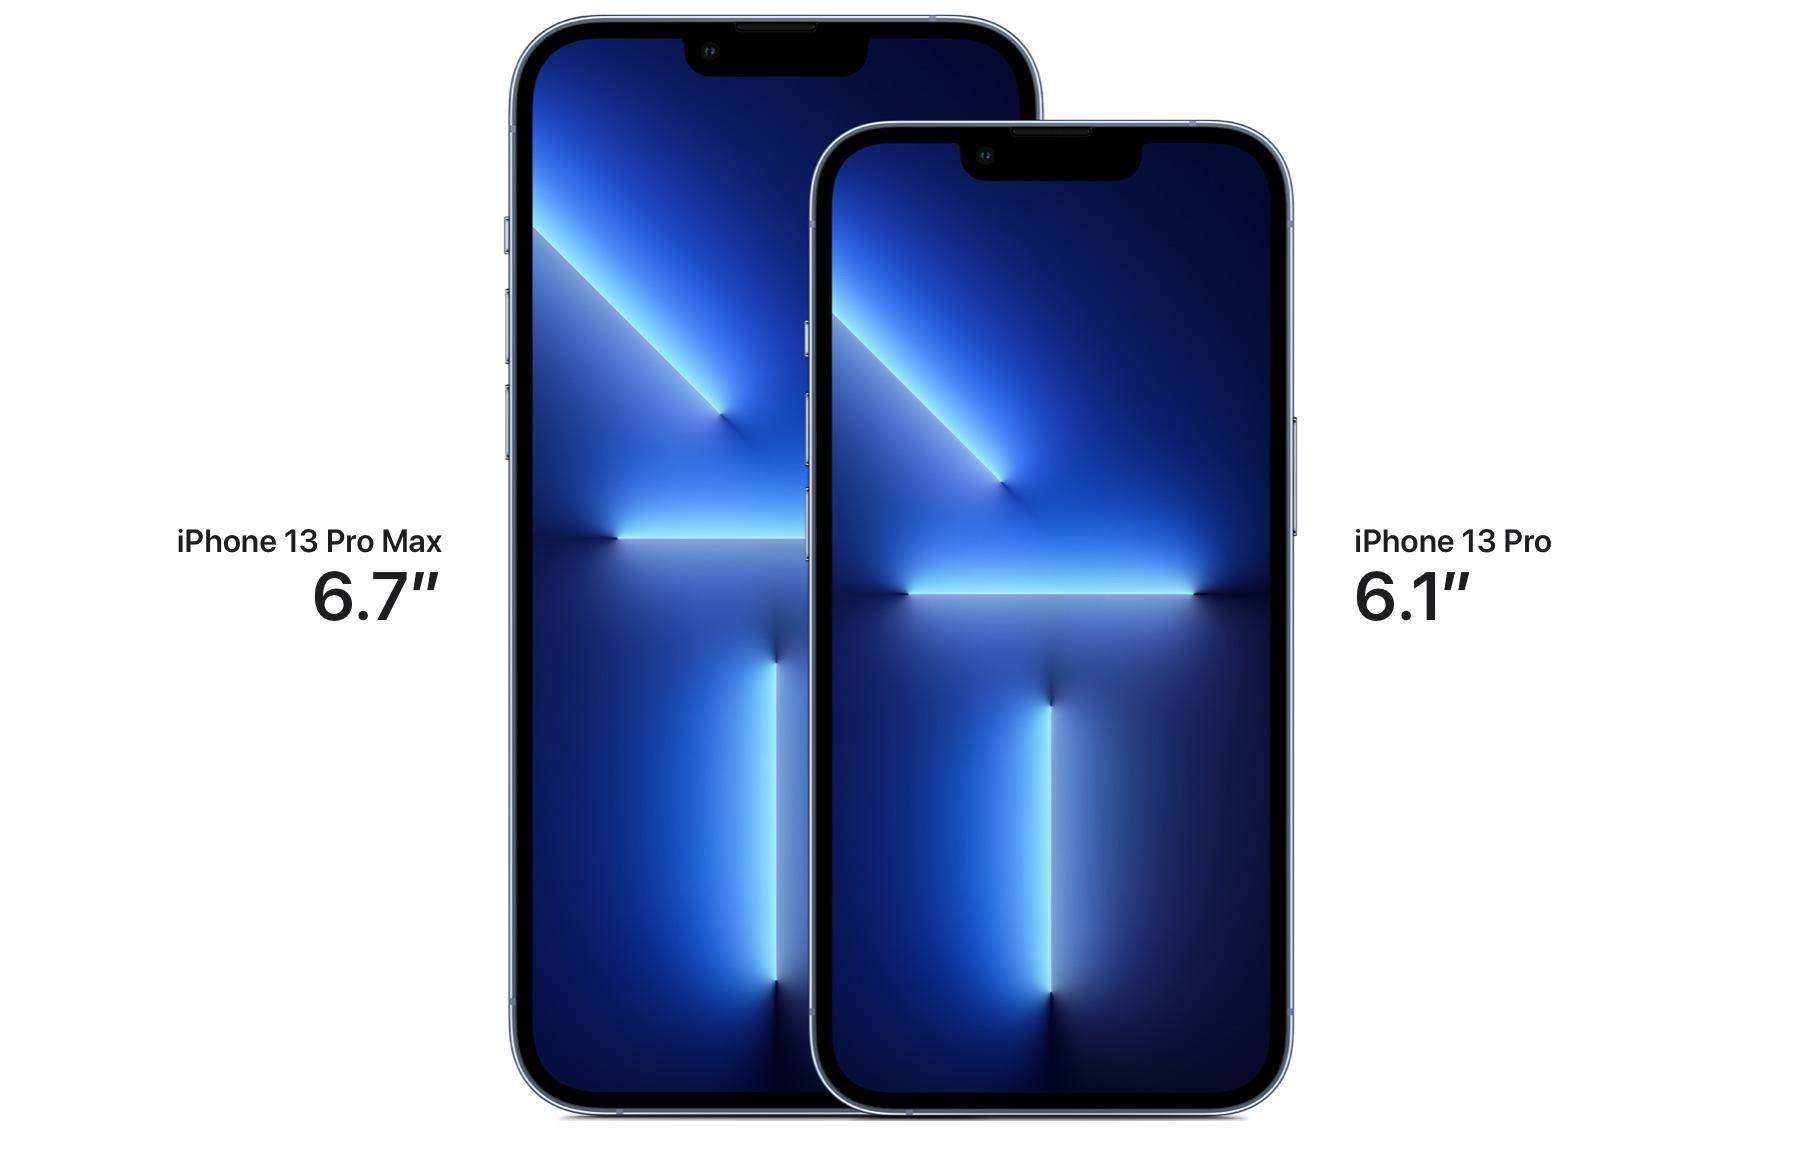 iphone 13 pro display sizes